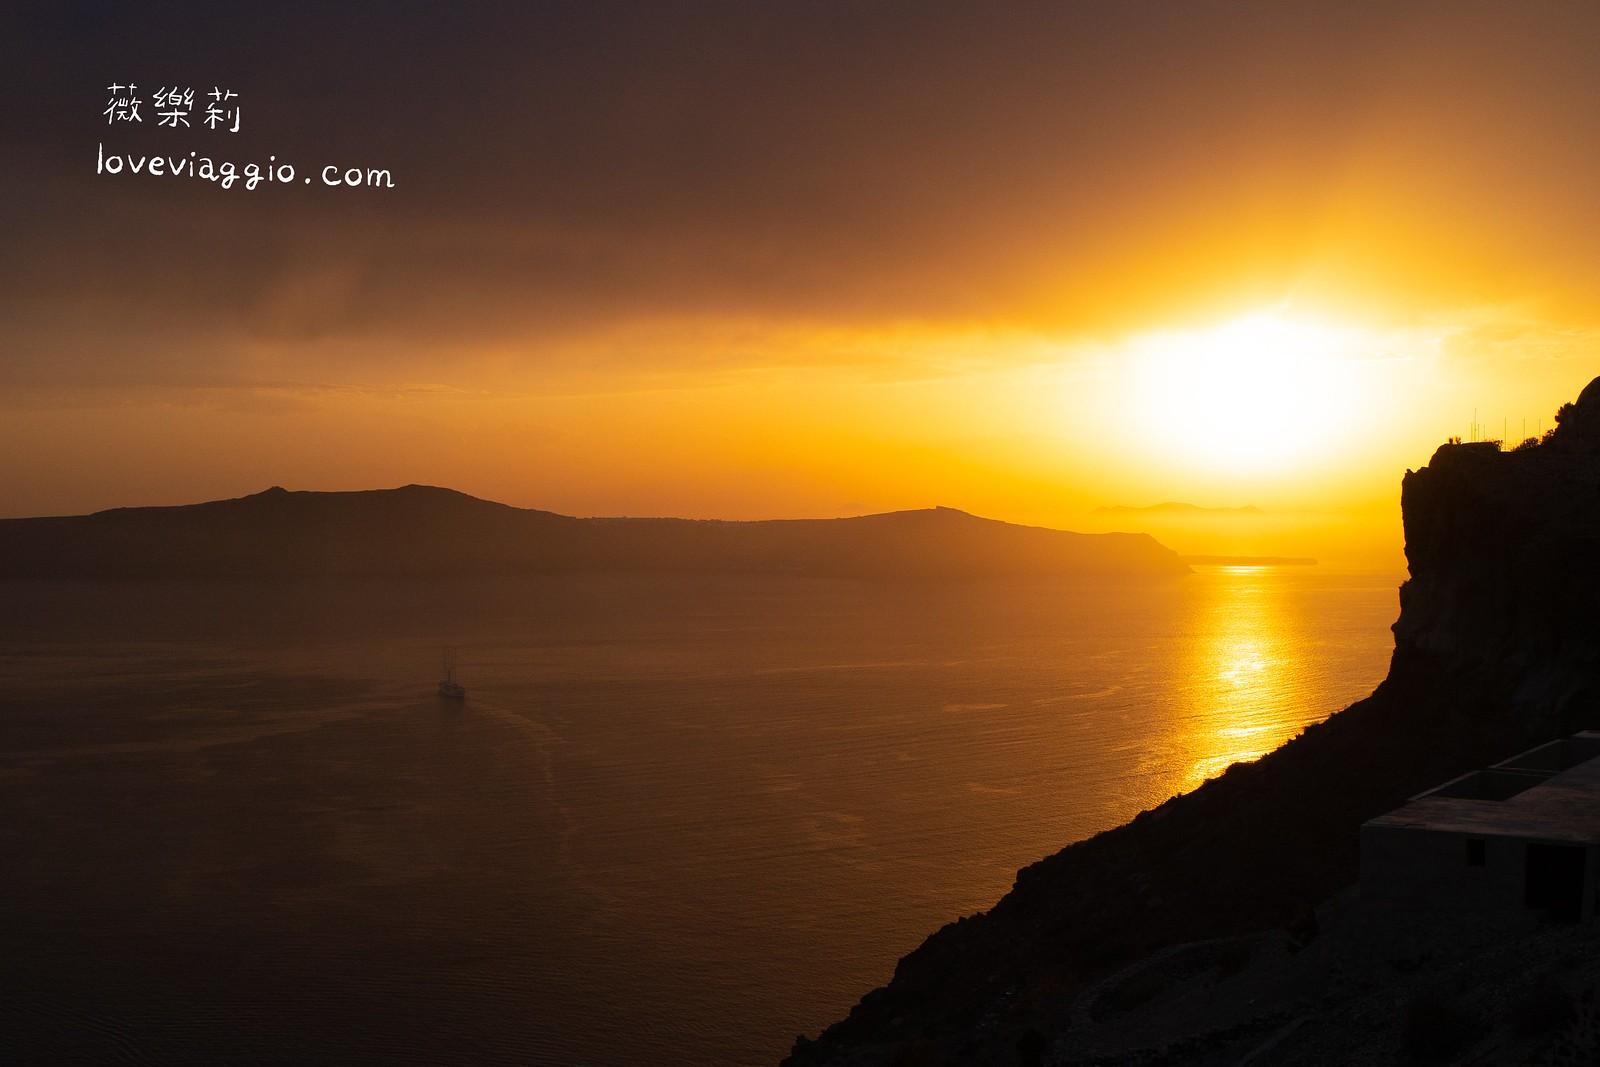 【希臘聖托里尼 Santorini】全世界最浪漫的夕陽 費拉夕陽最佳觀賞位置 @薇樂莉 Love Viaggio | 旅行.生活.攝影